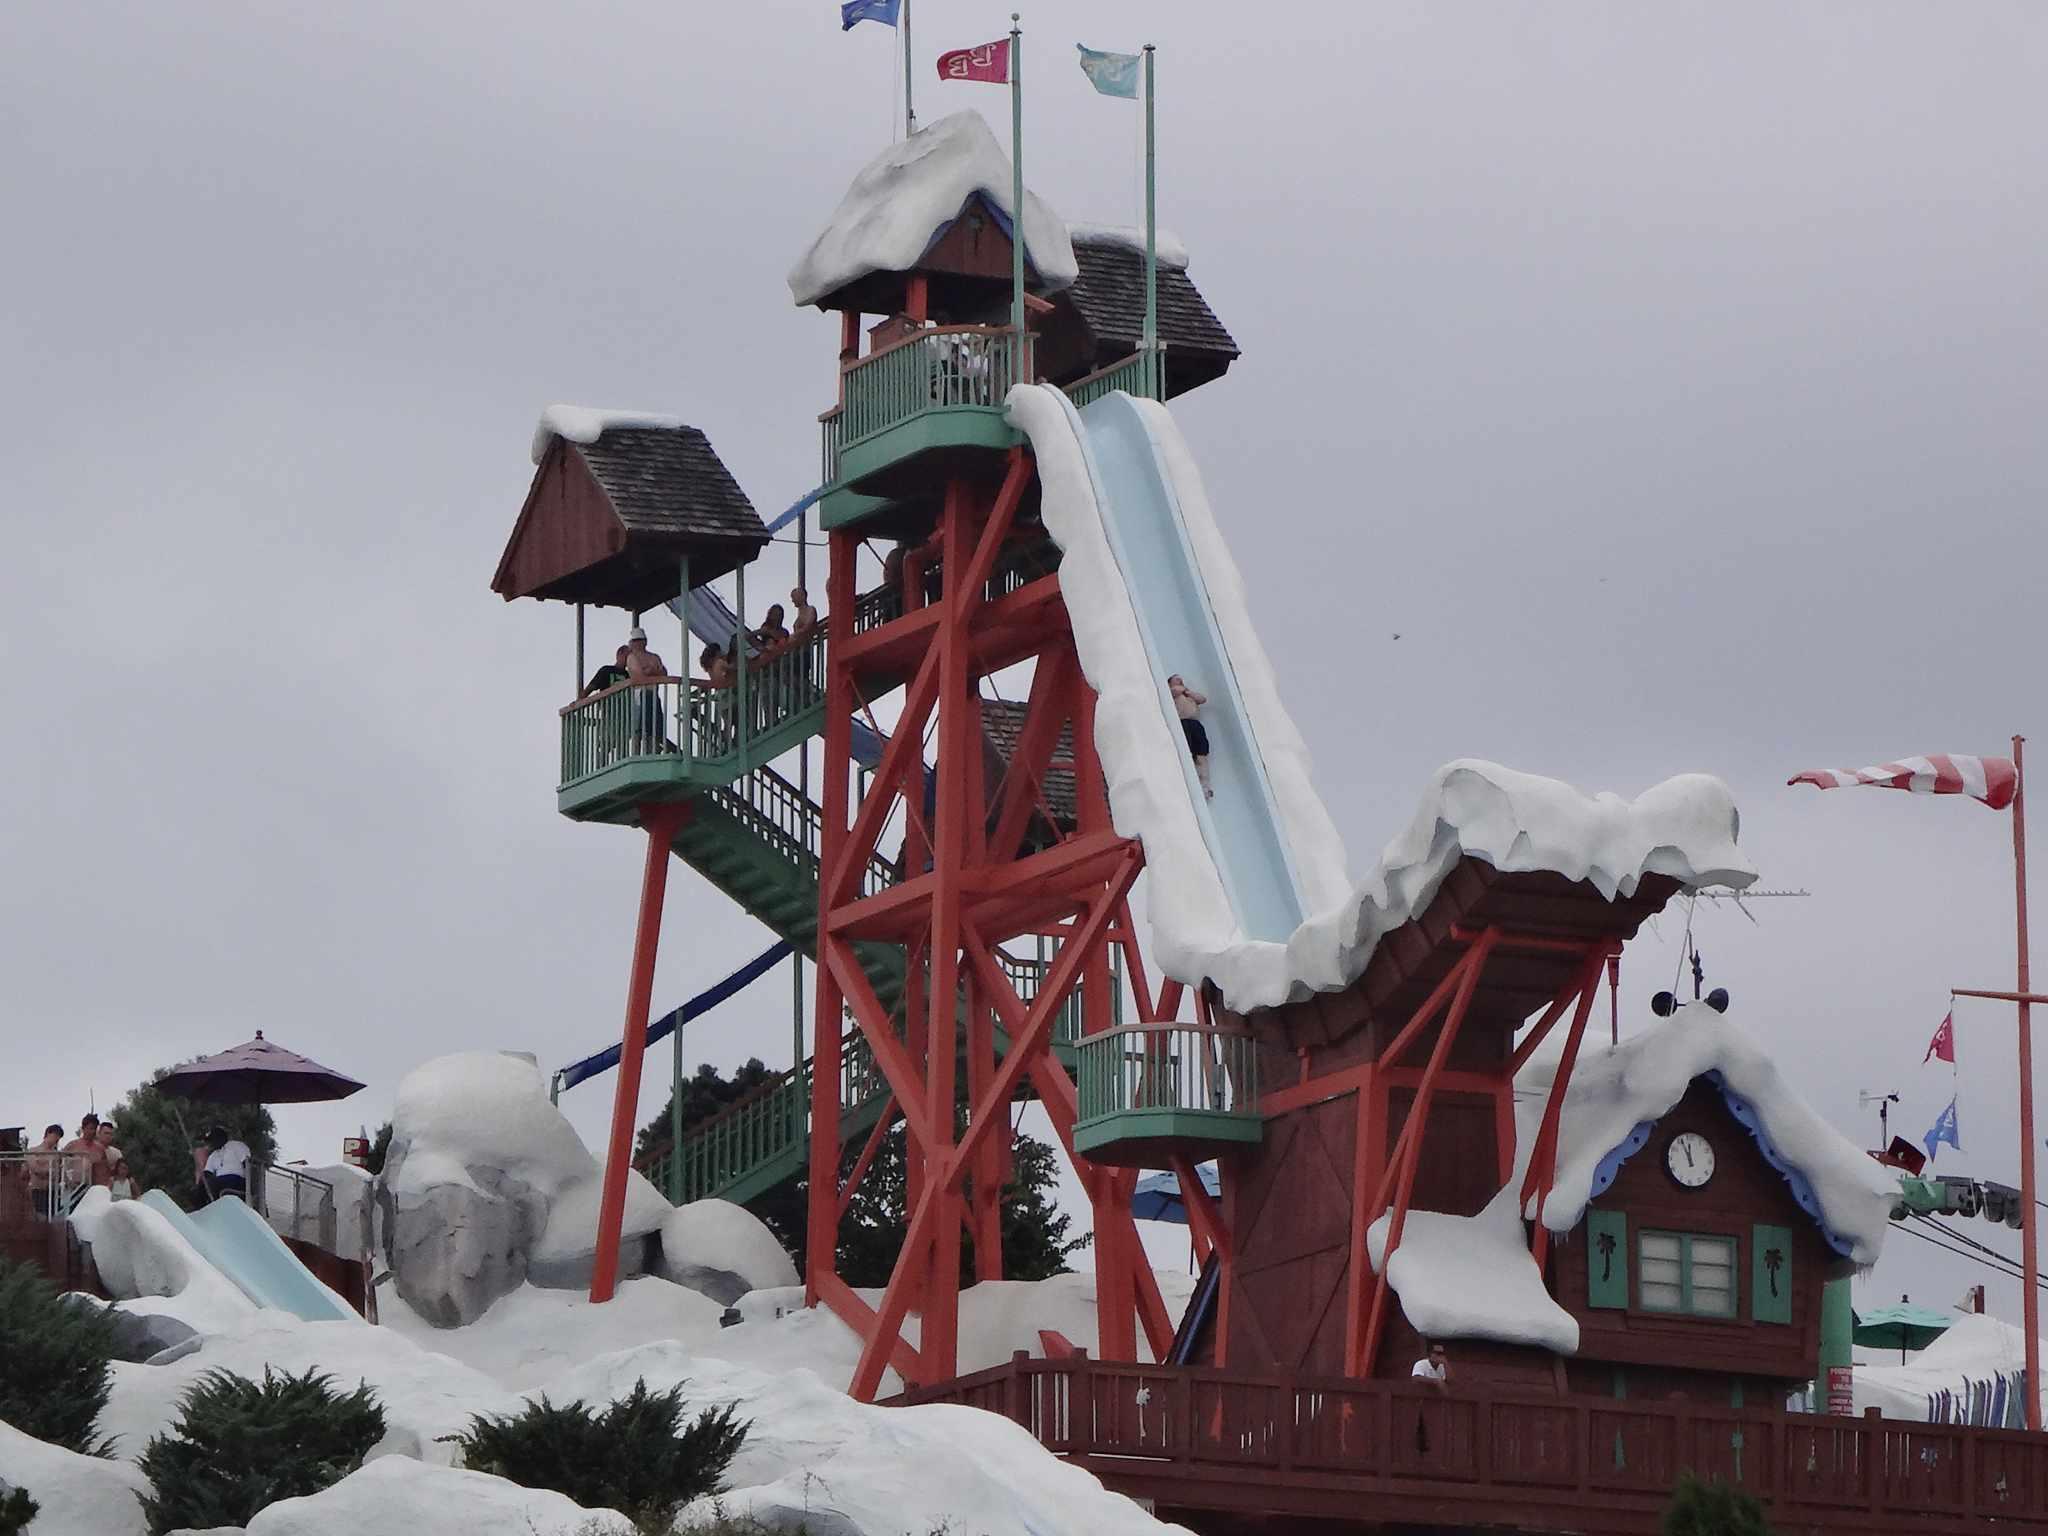 Blizzard Beach: Summit Plummet in Blizzard Beach